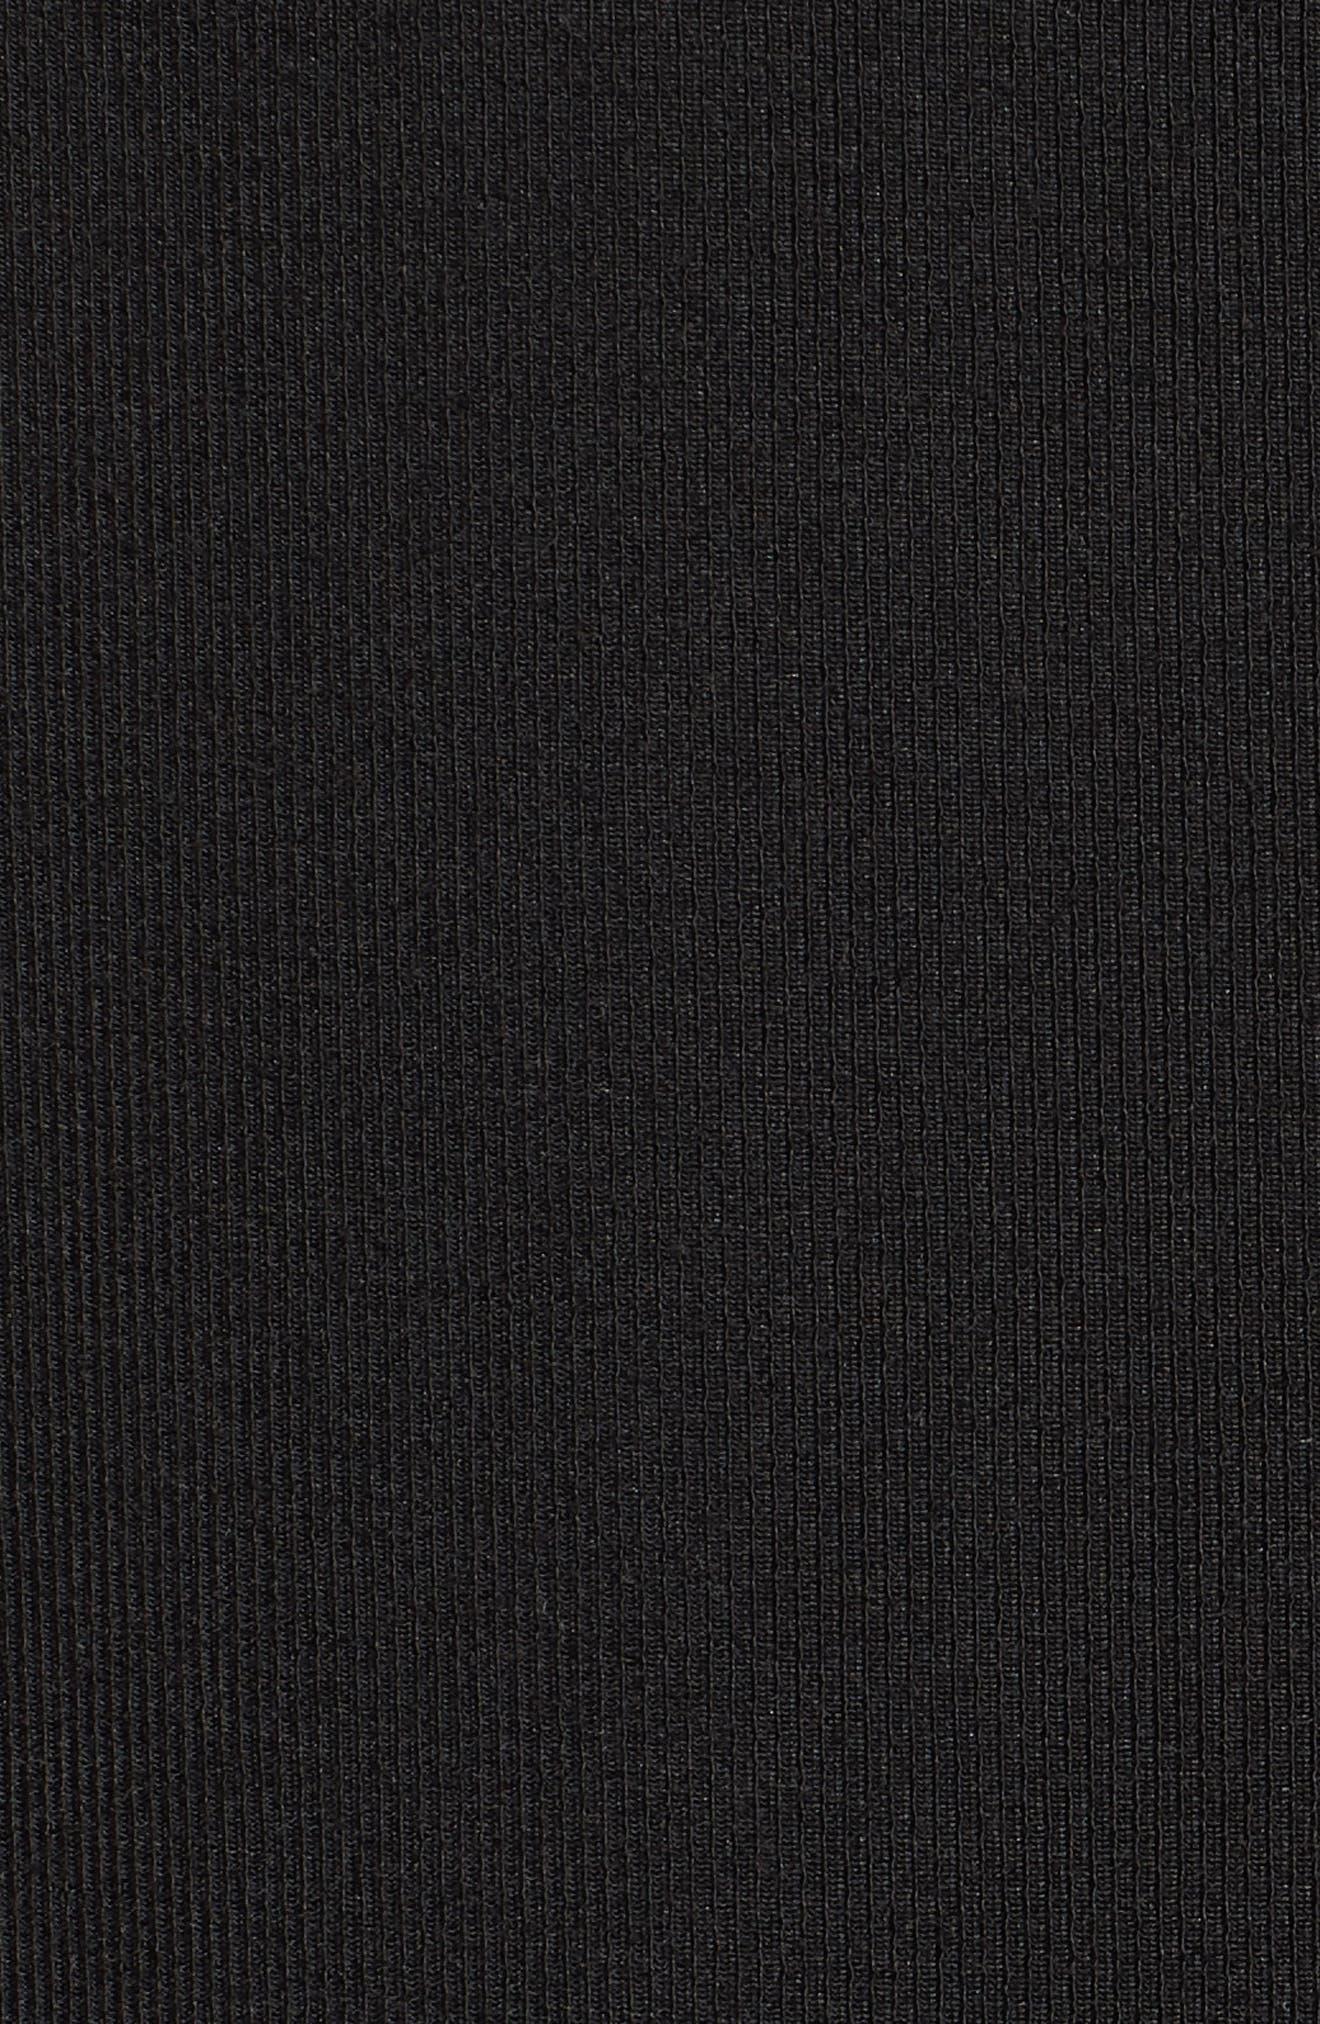 Cold Shoulder Jumpsuit,                             Alternate thumbnail 6, color,                             001